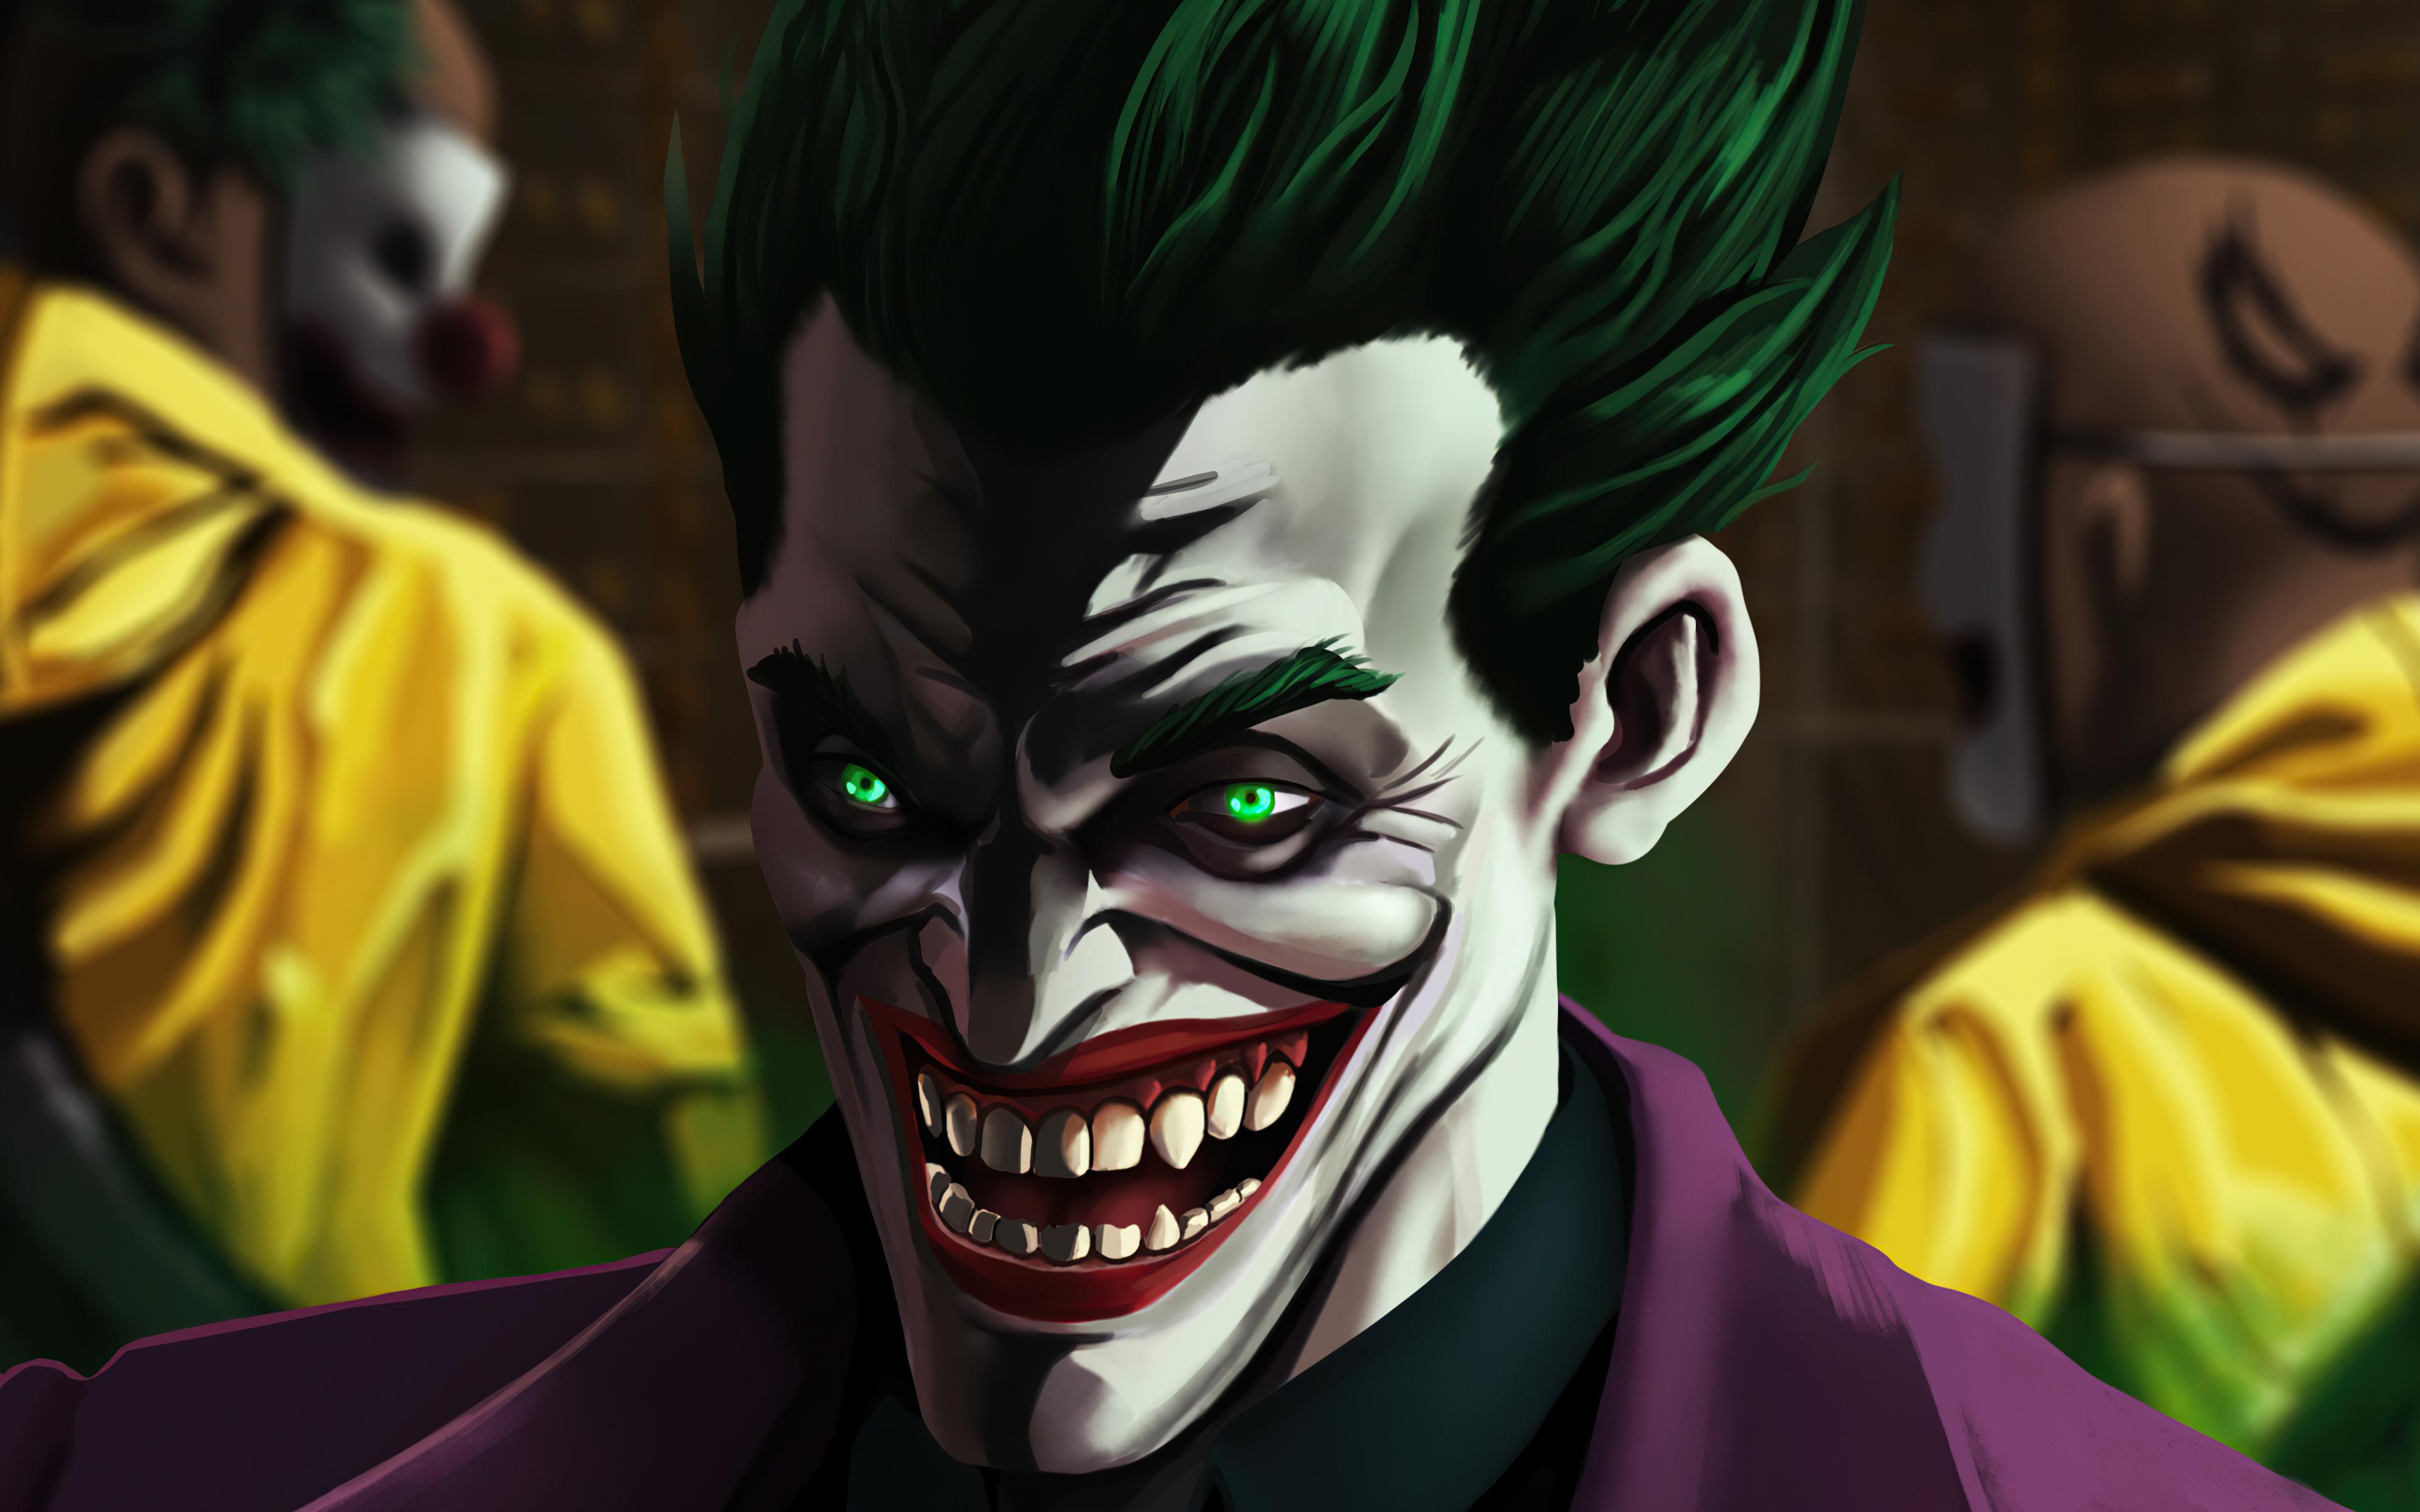 the-joker-happy-smile-4k-t3.jpg